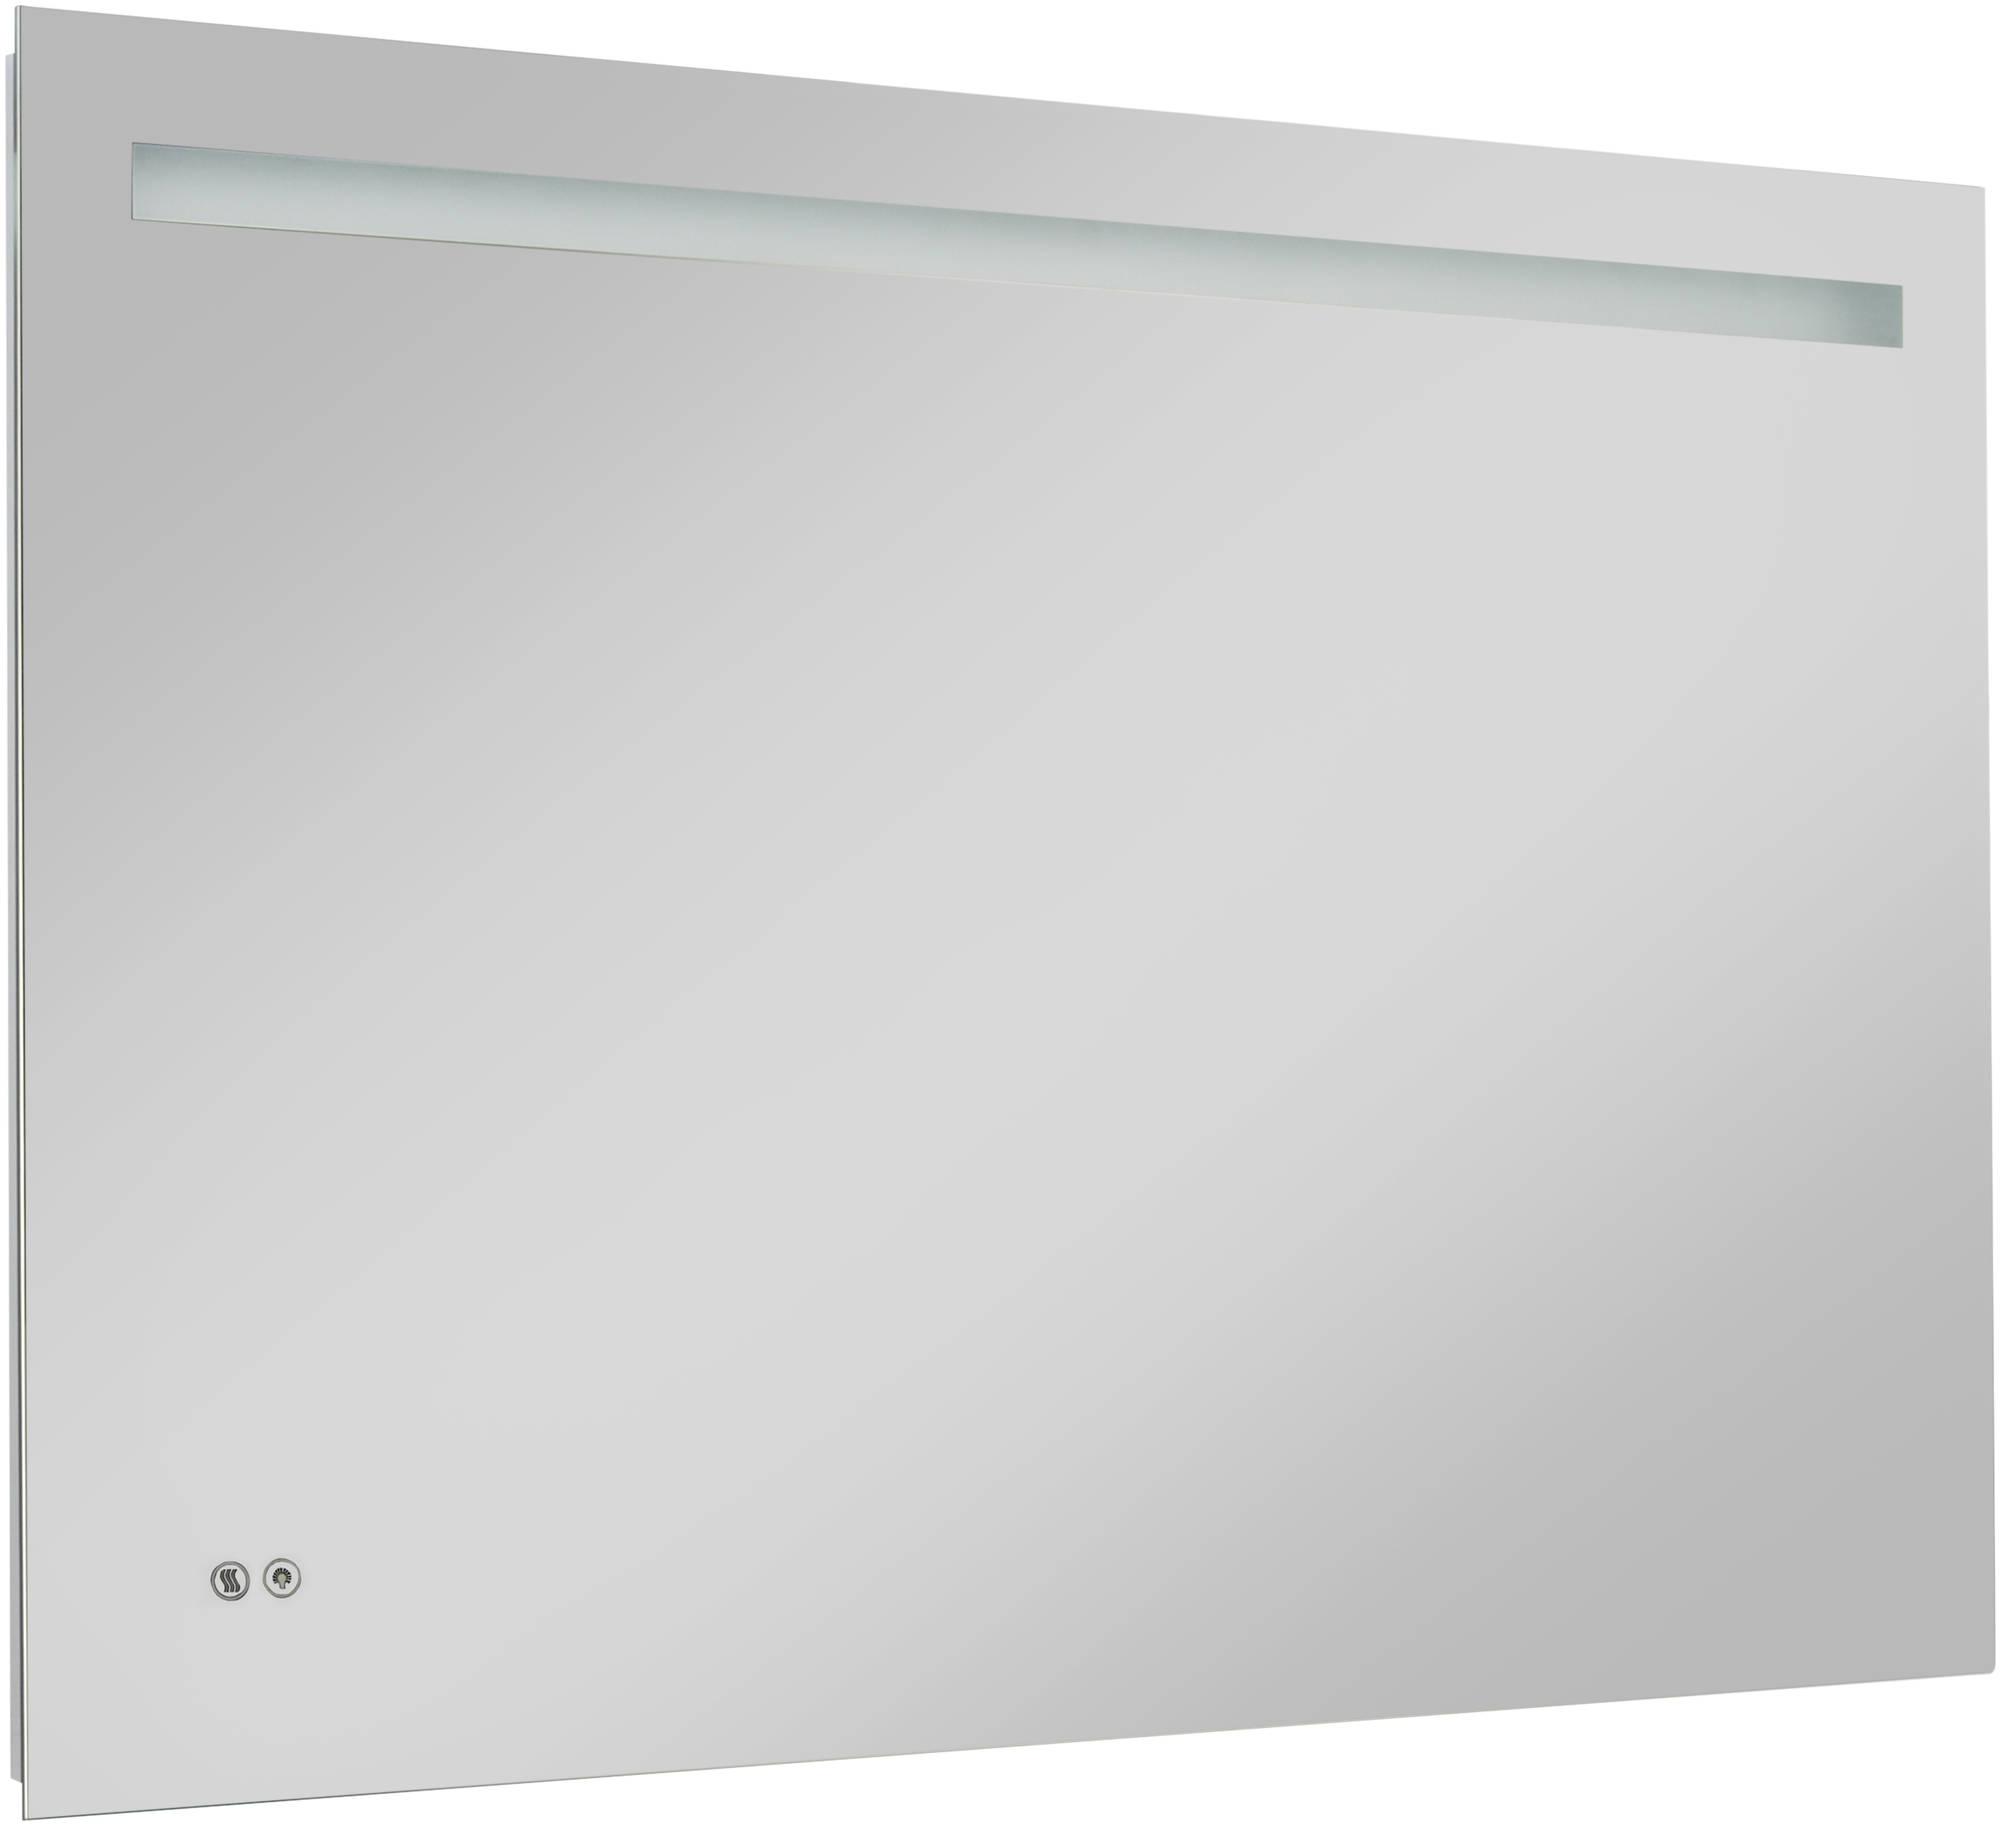 Ben Freya spiegel met verlichting en spiegelverwarming (touchbediening) 120x70 cm